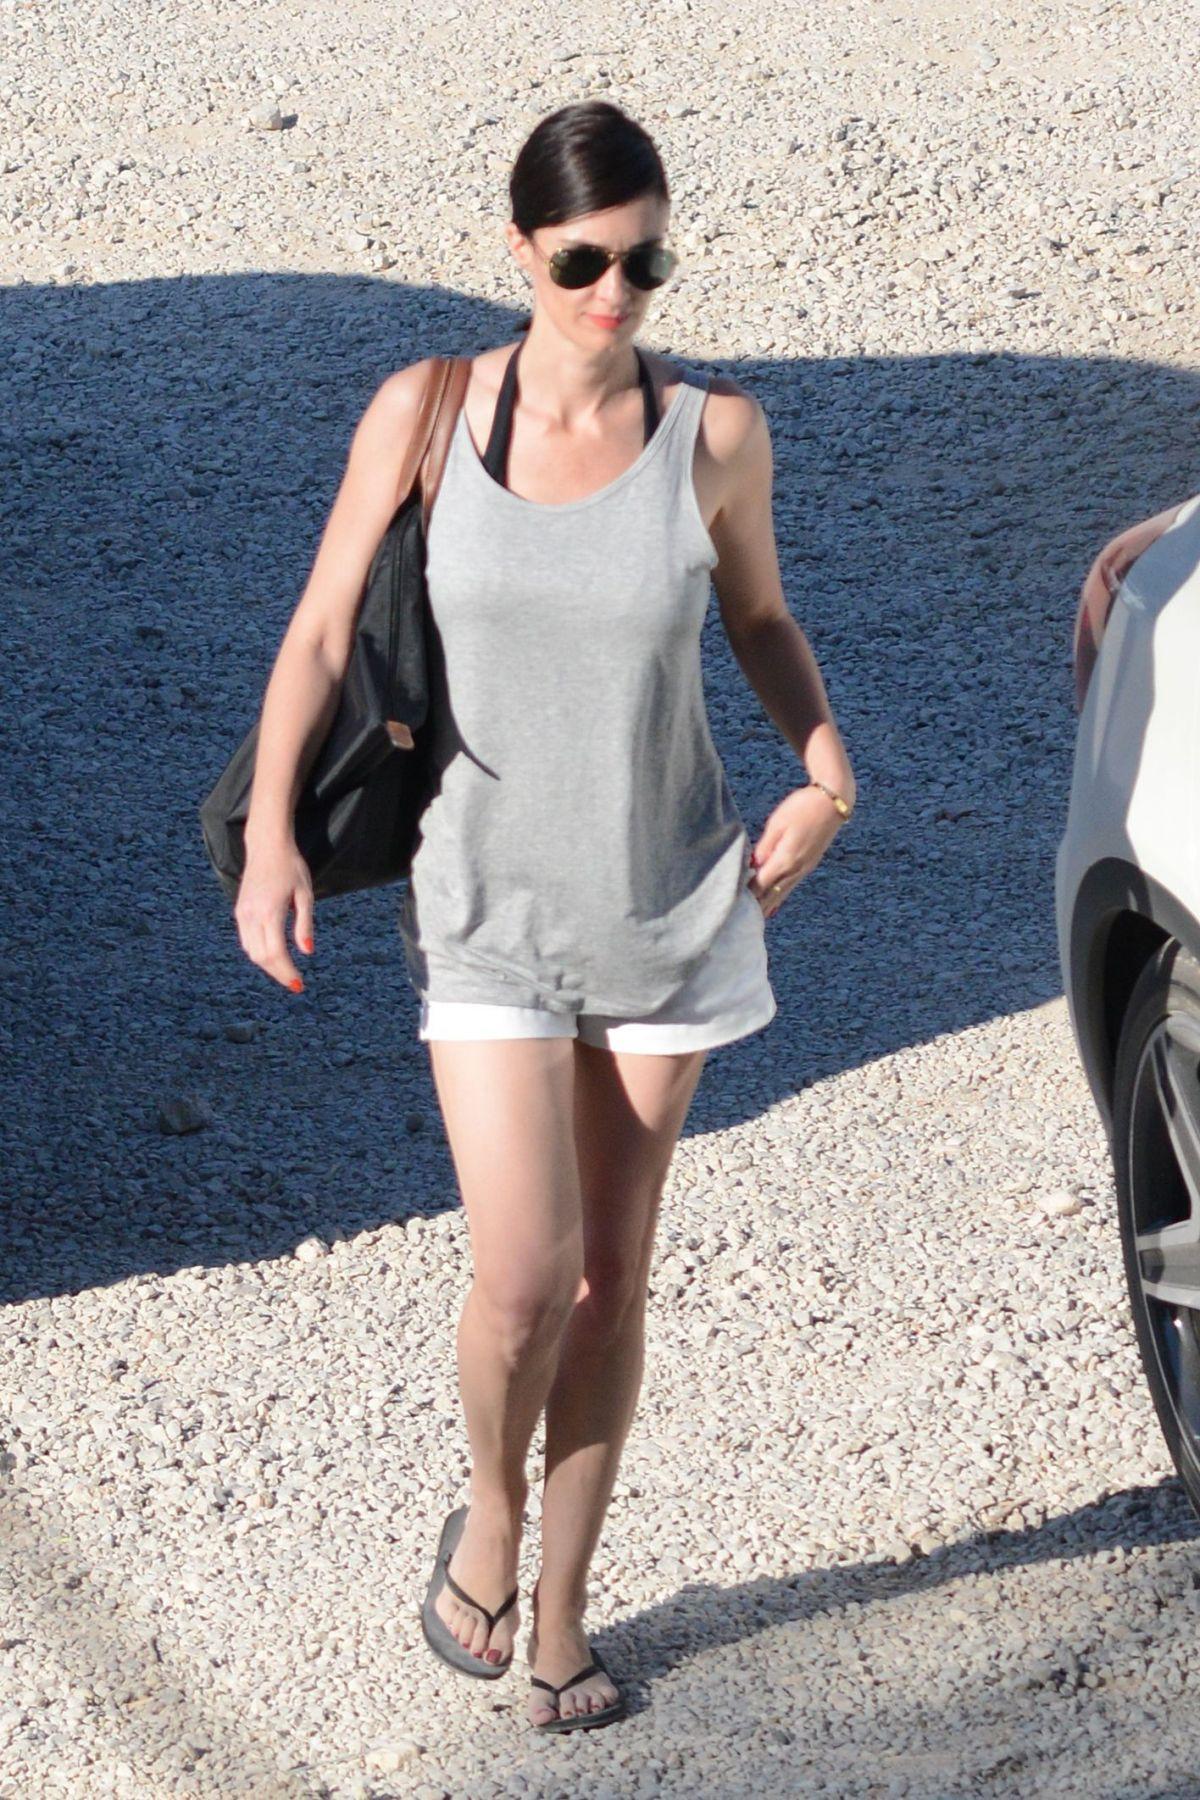 Feet Paz Vega nude (39 photo), Topless, Cleavage, Selfie, braless 2020